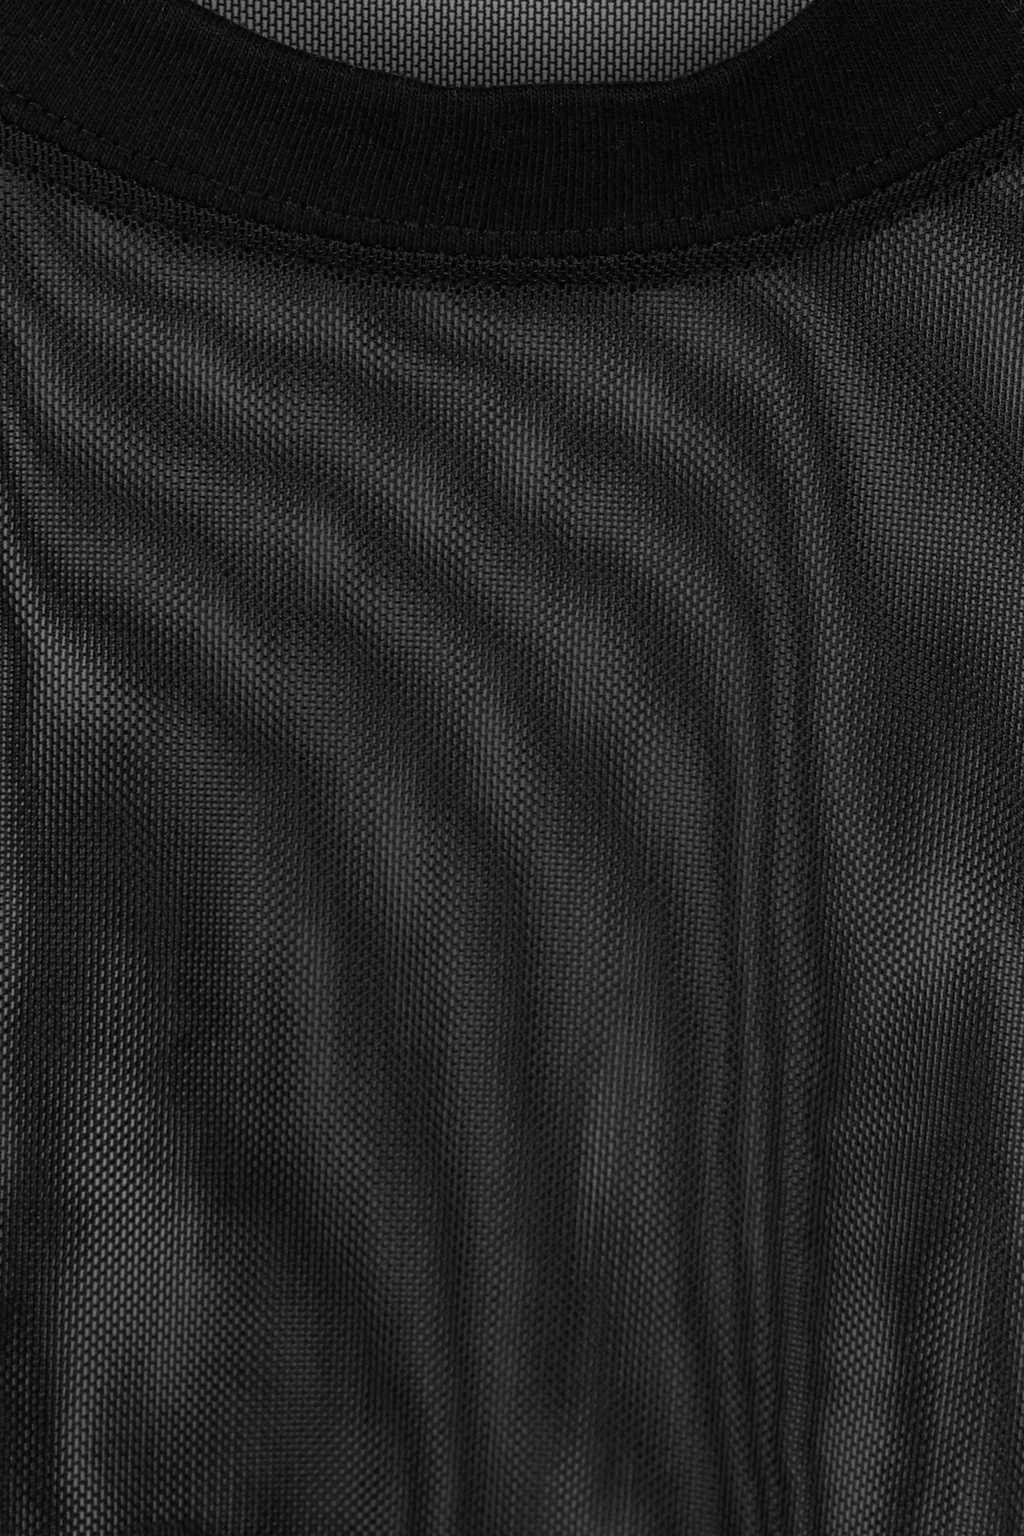 TShirt K137 Black 6